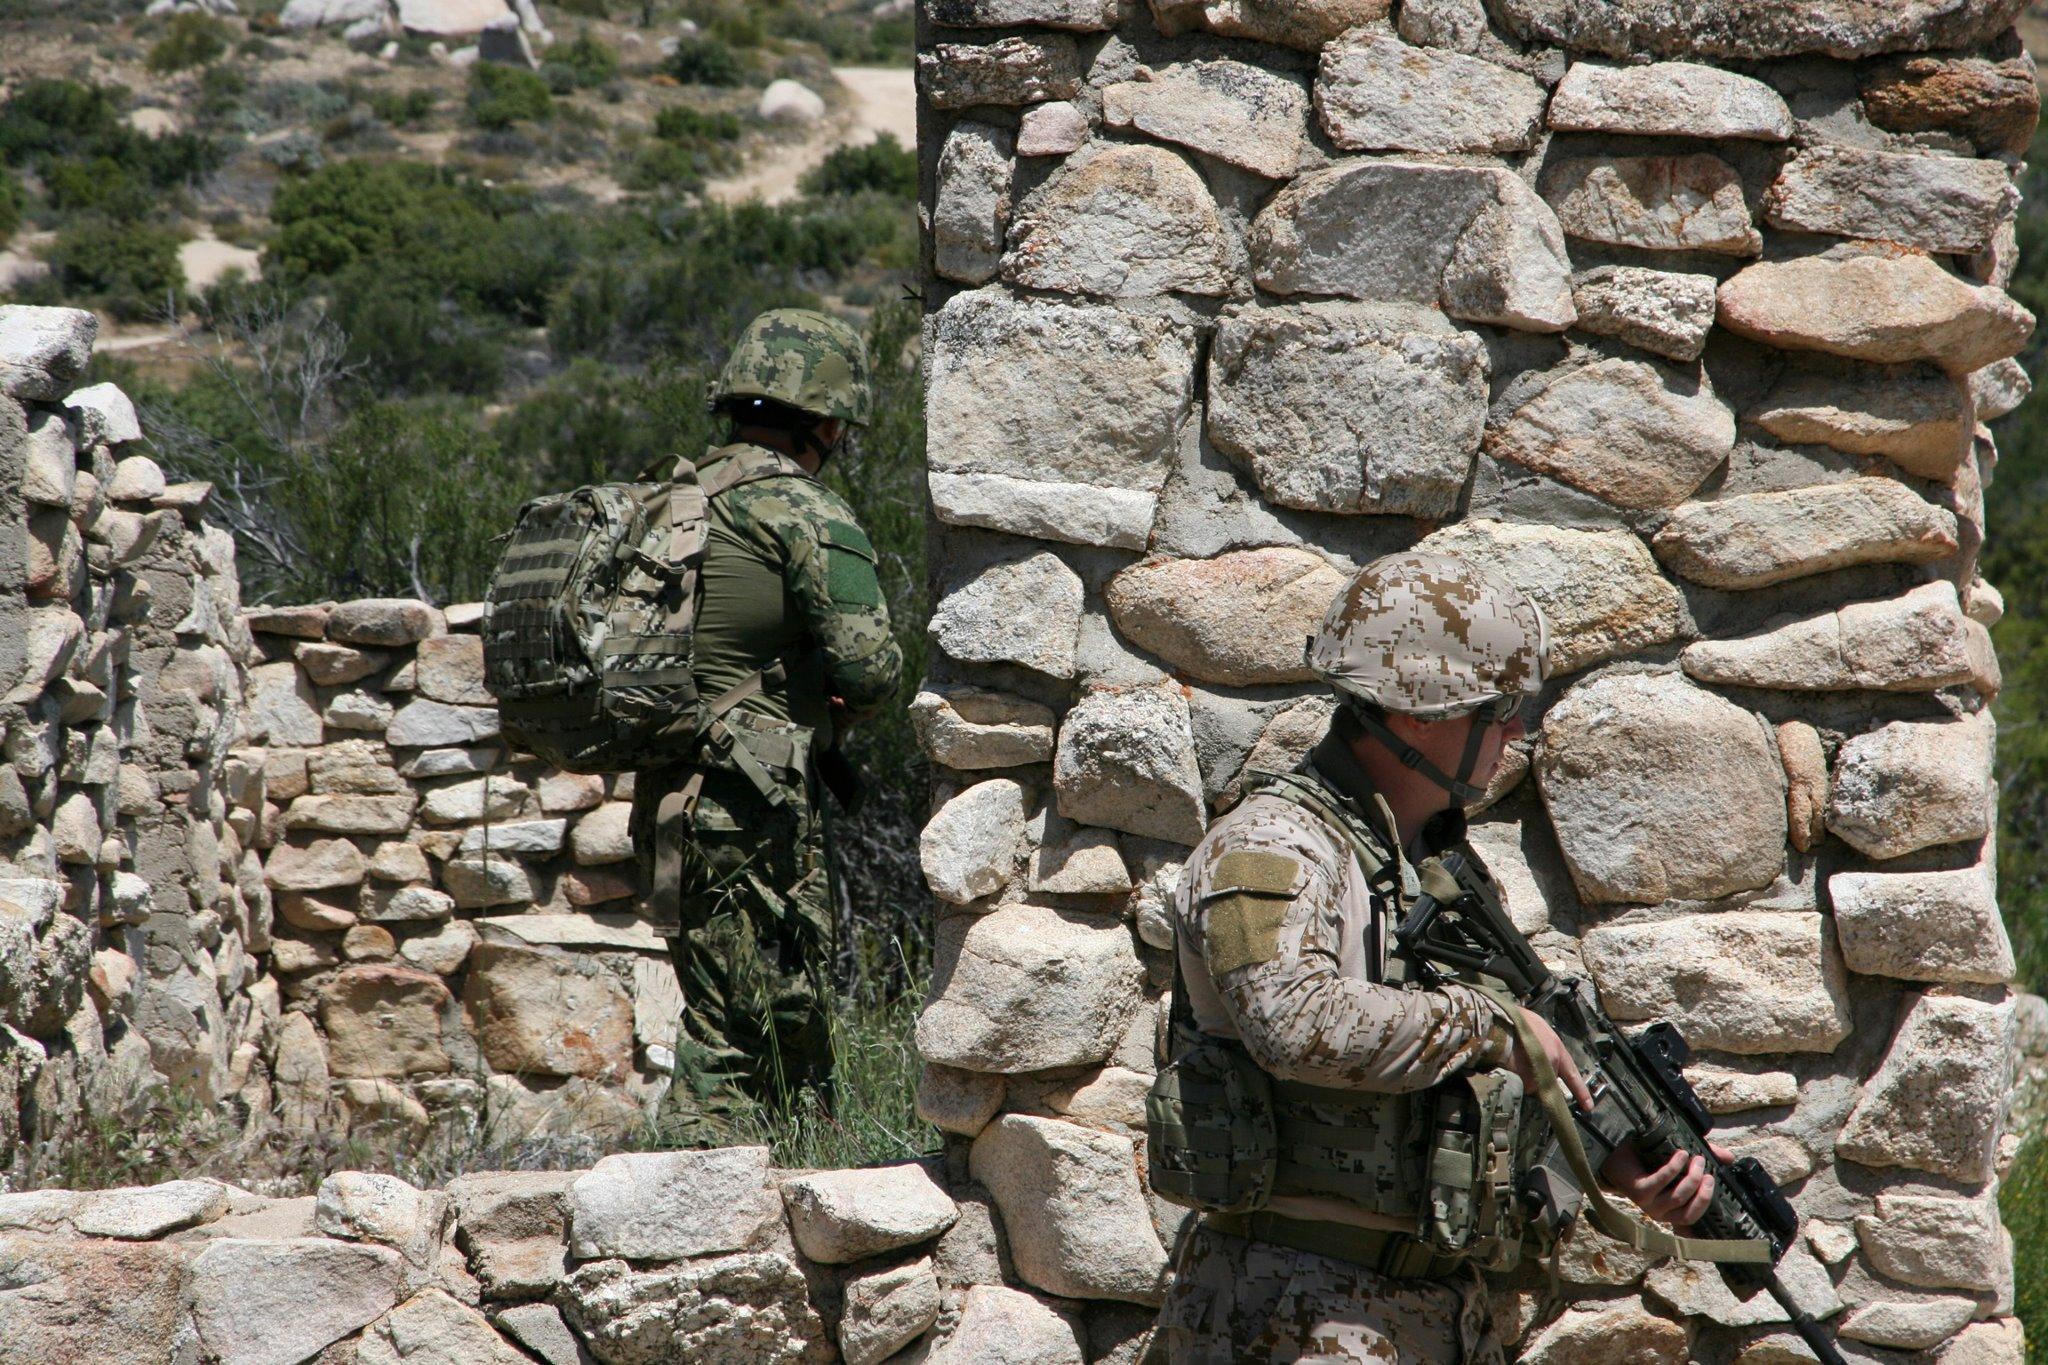 U.S. Army Phase IV Camouflage Improvement Program